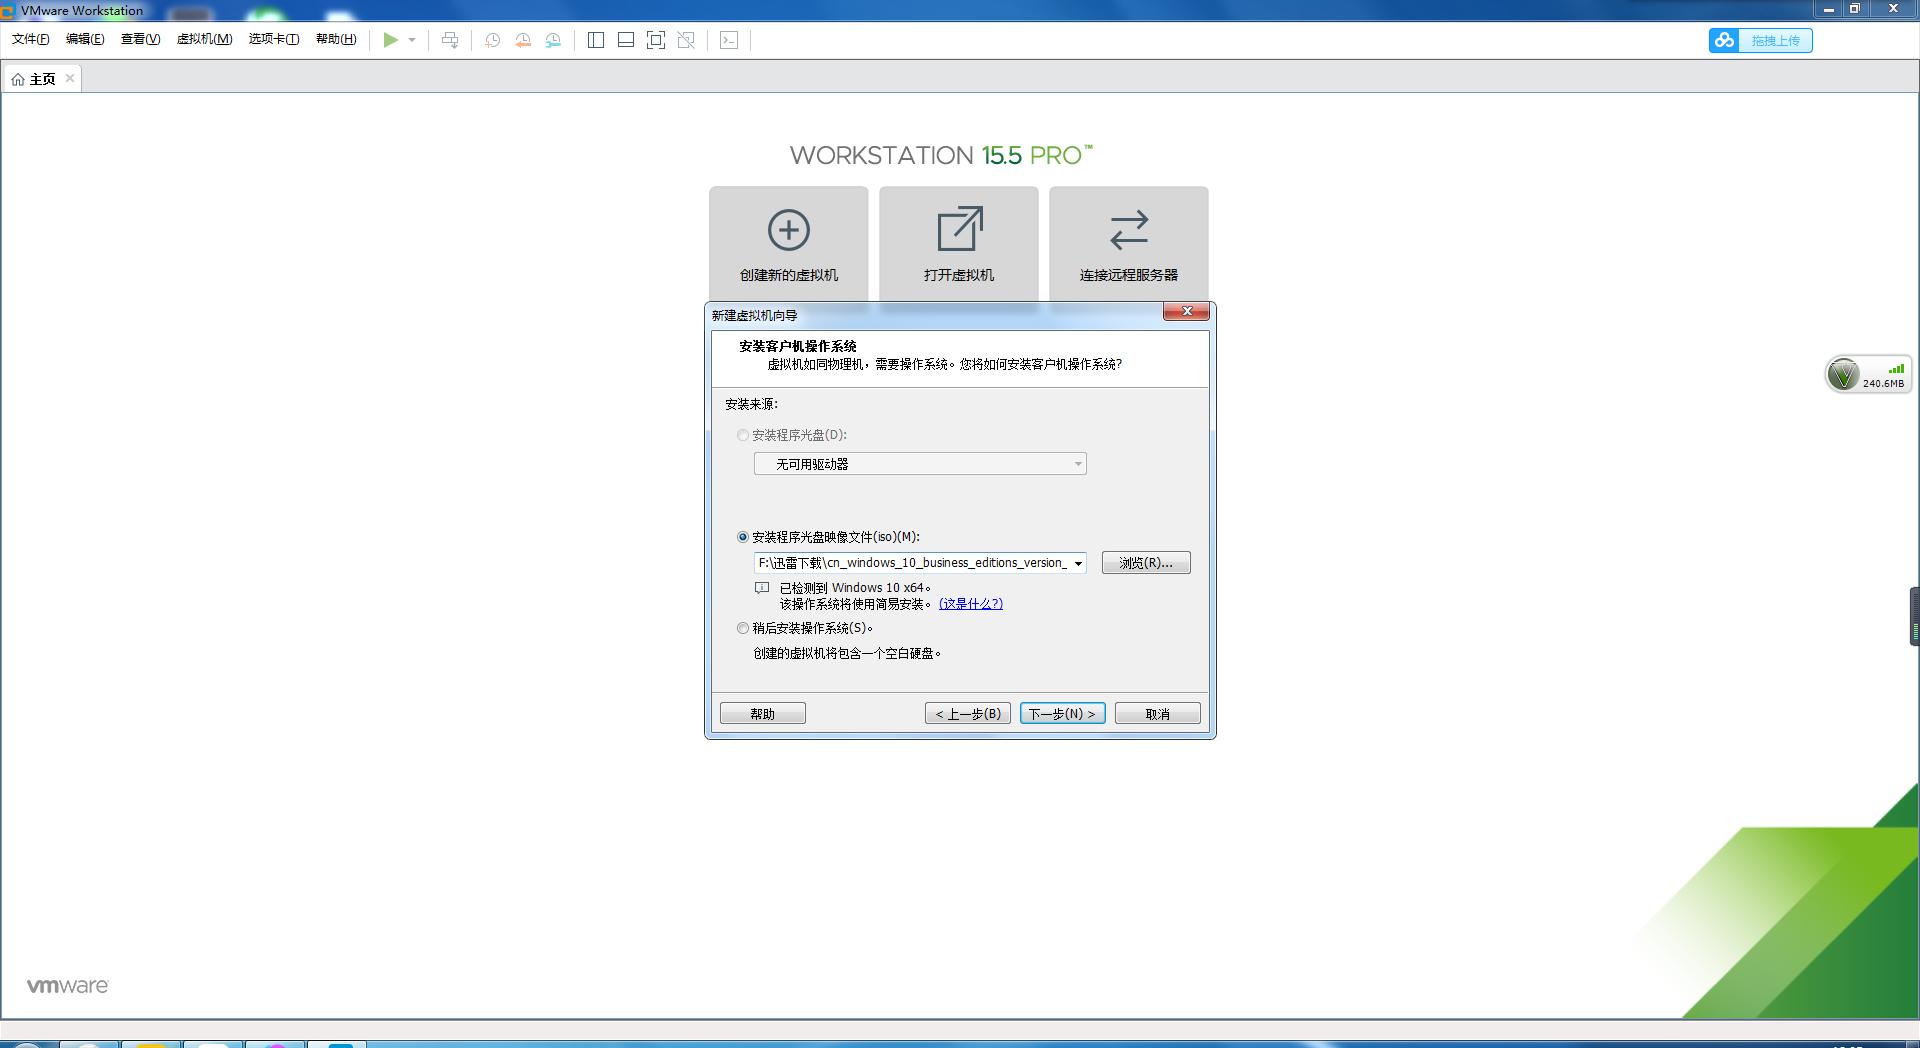 rBAAdmBpXFaAbFQkAAKdNLKNG00482.jpg插图(2)